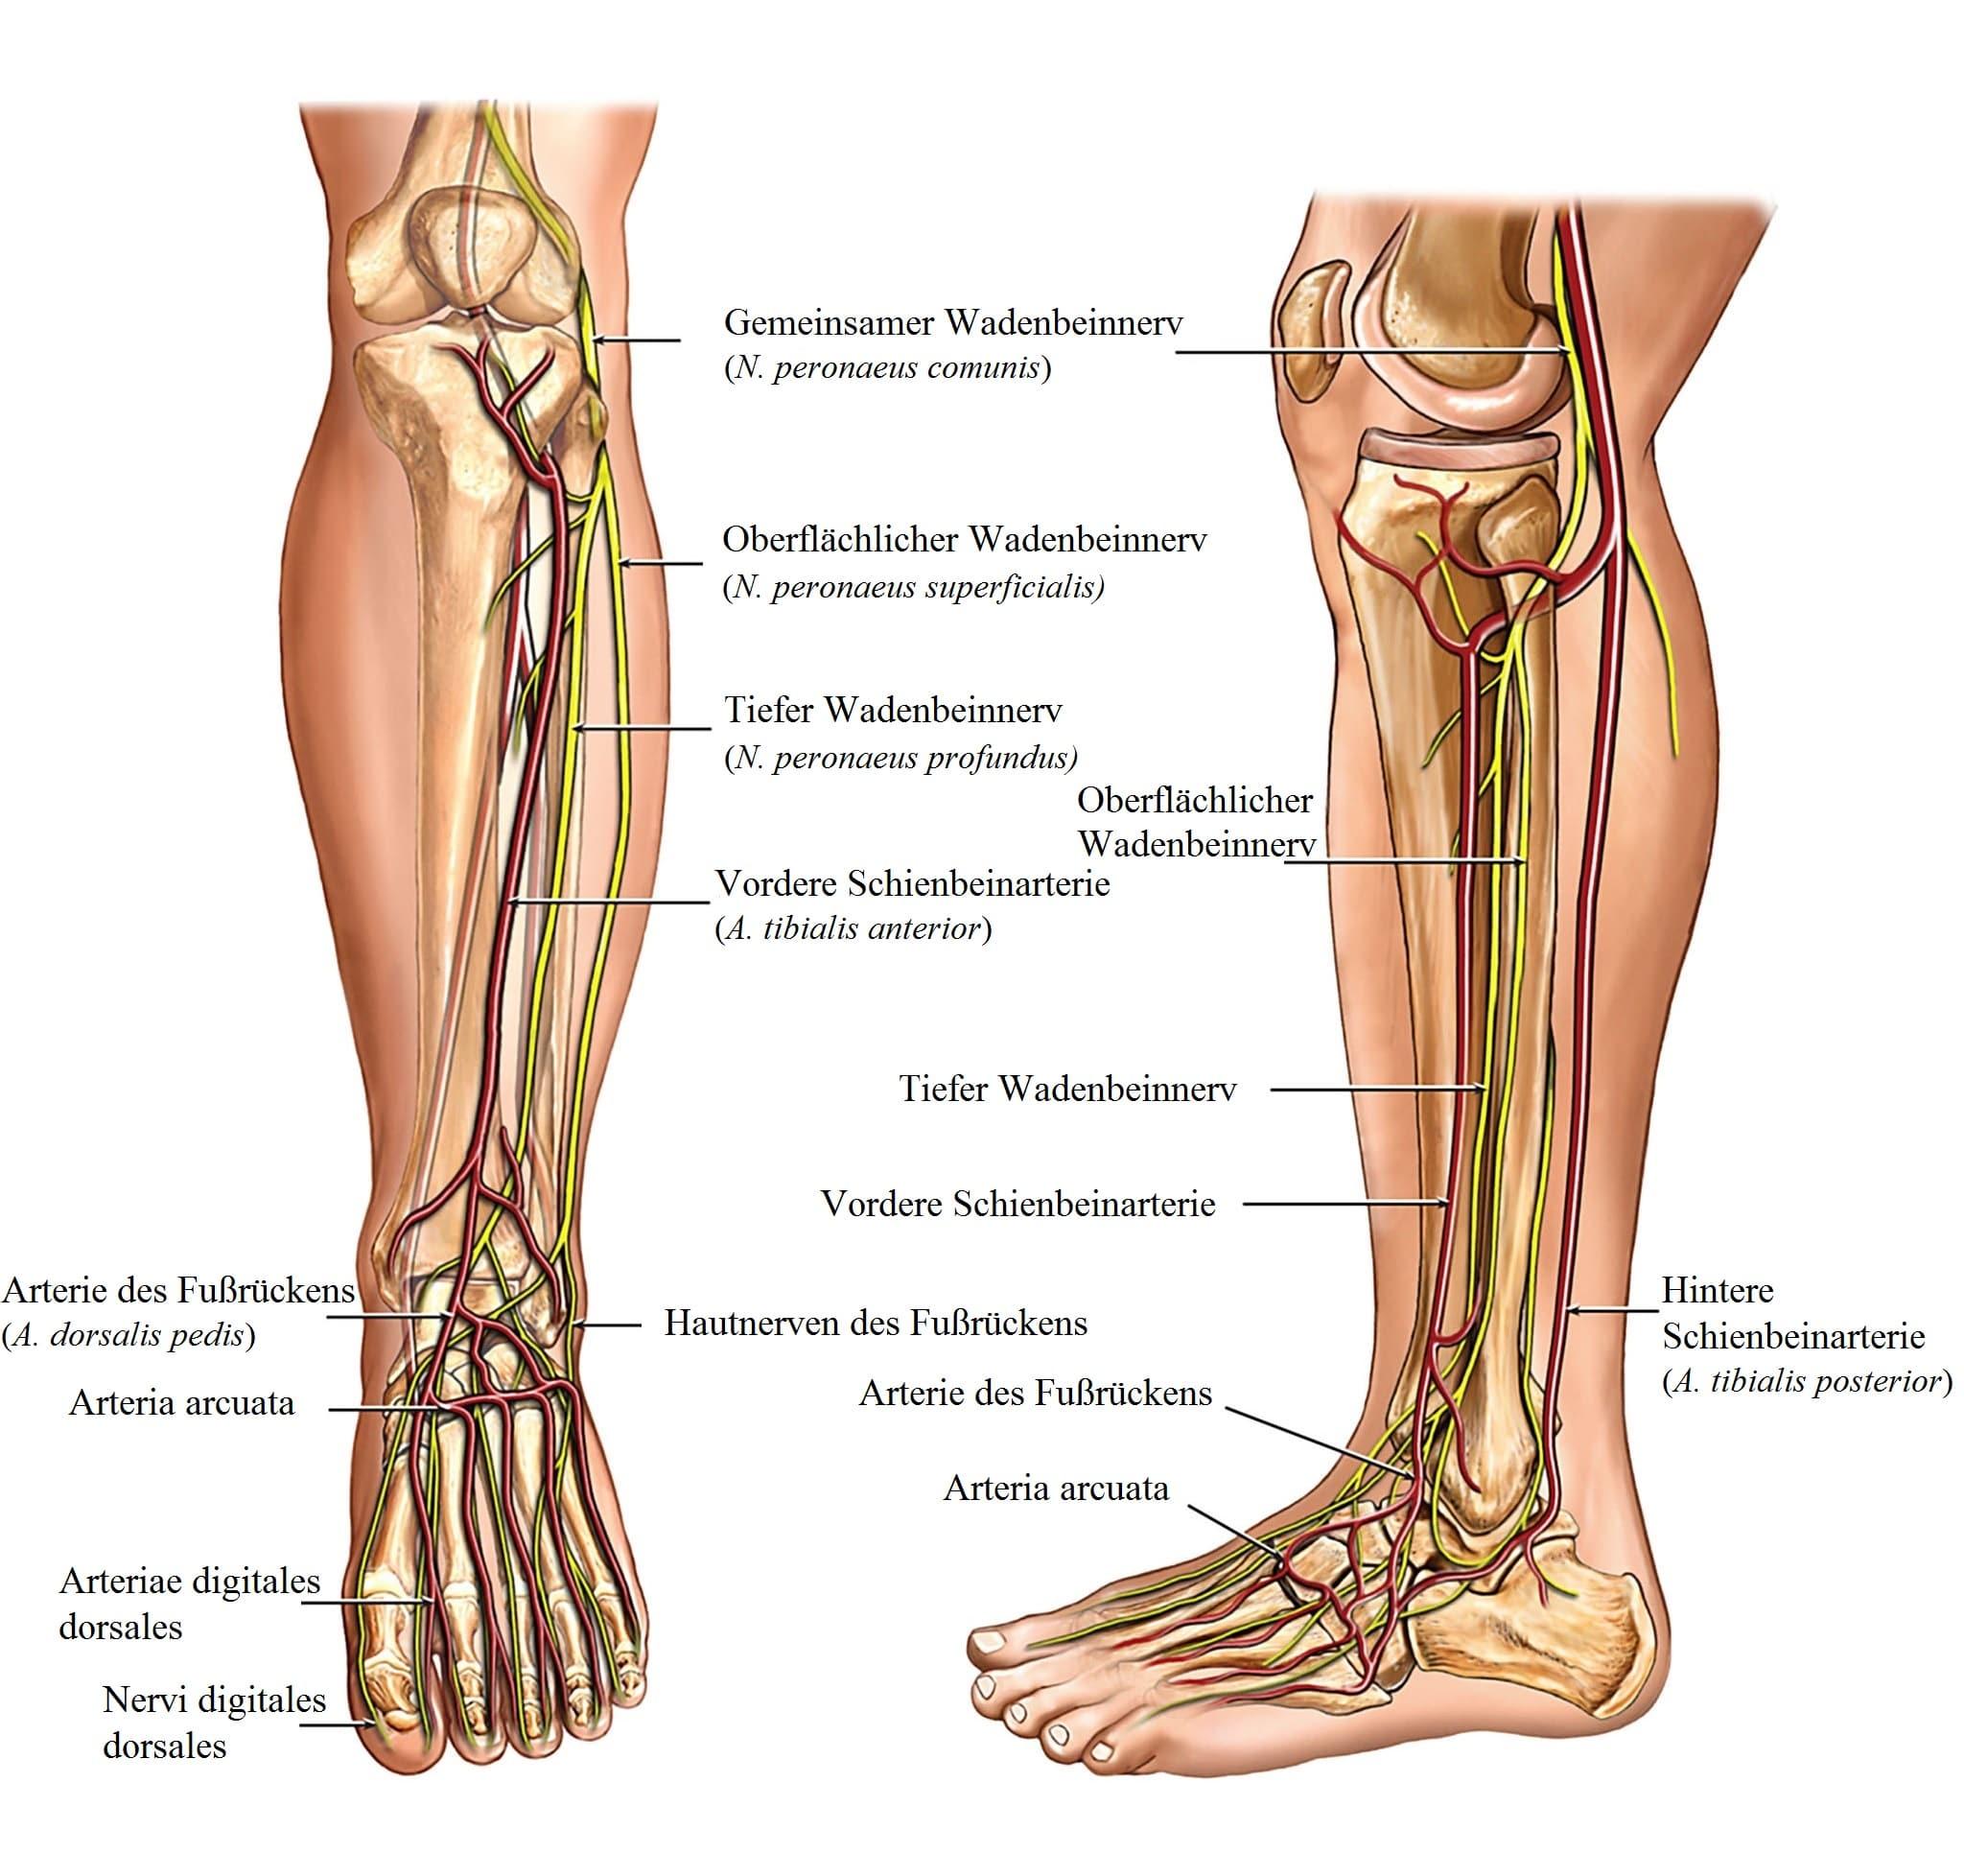 Arterien,Beine,Knöchel,Kreislauf